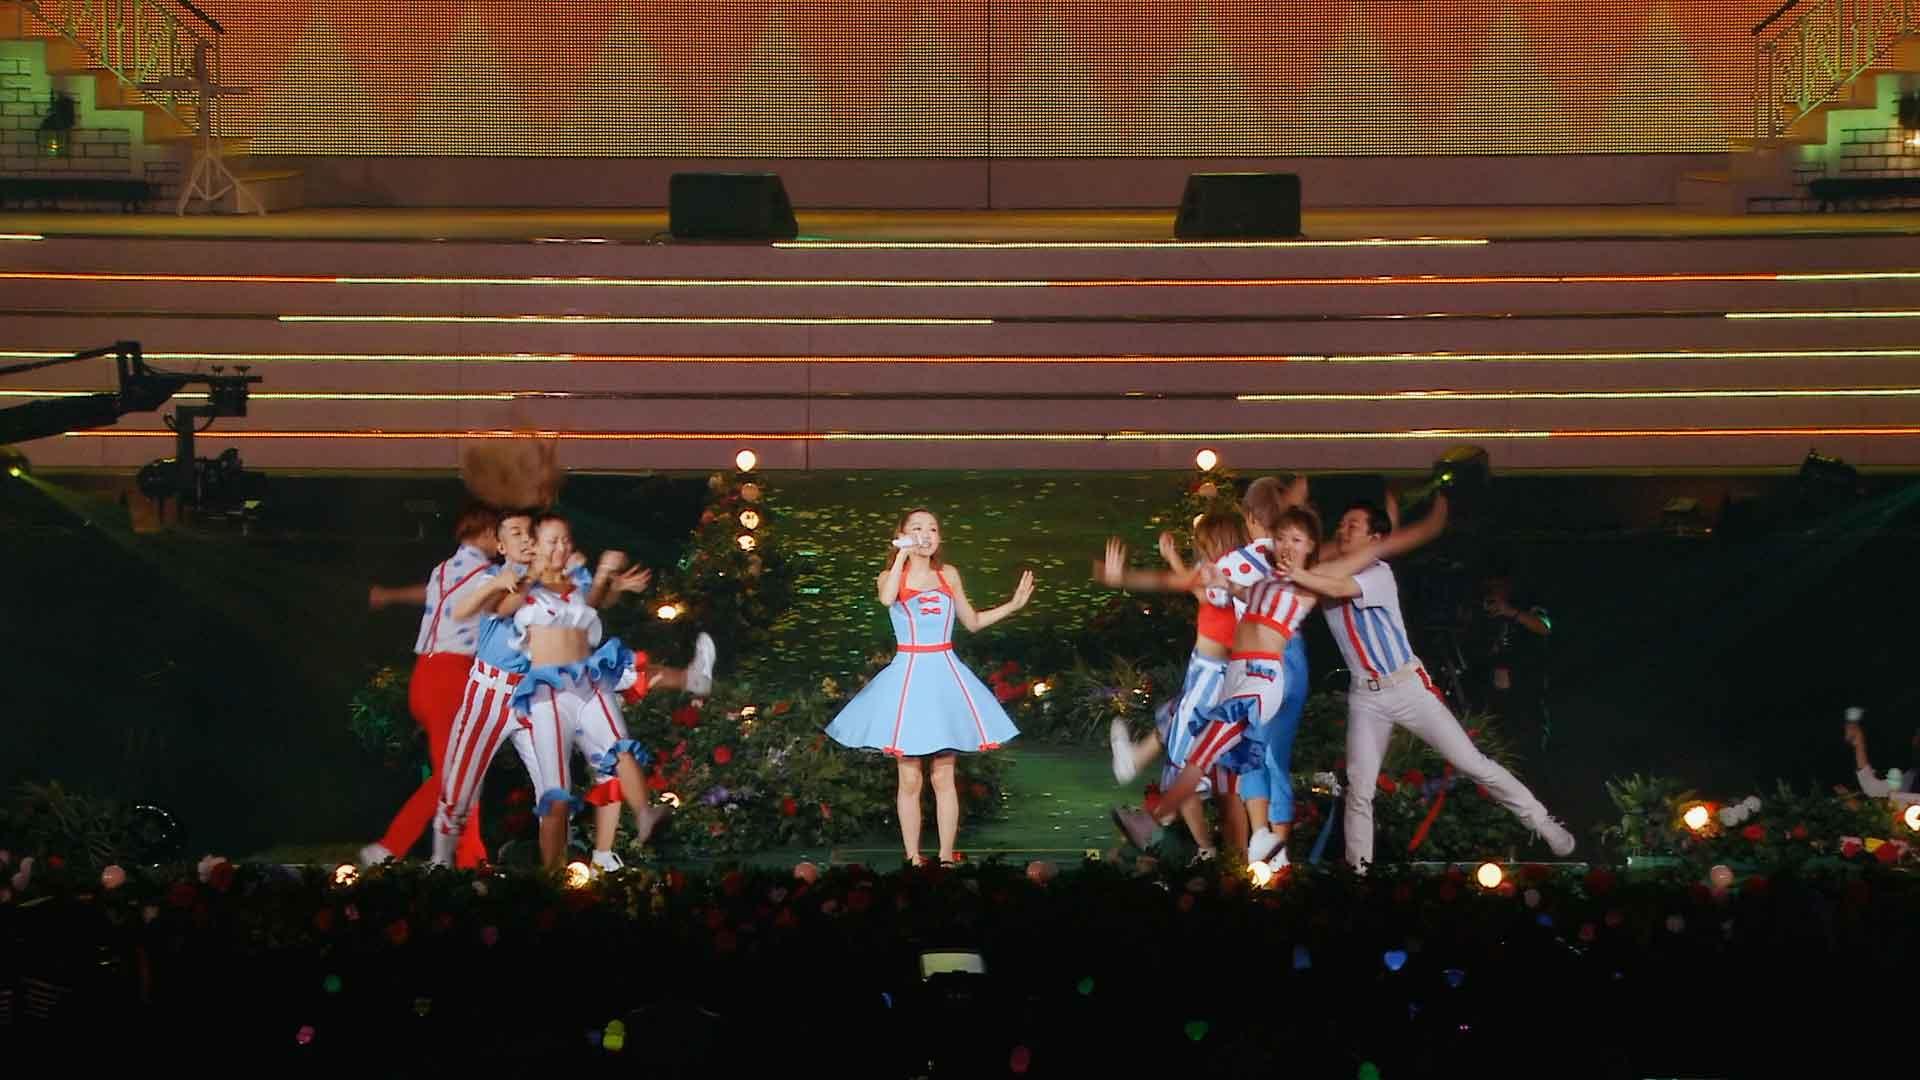 [蓝光原盘] 西野加奈 Many Thanks 演唱会.Kana Nishino Dome Tour 2017 Many Thanks 《ISO 40.6G》